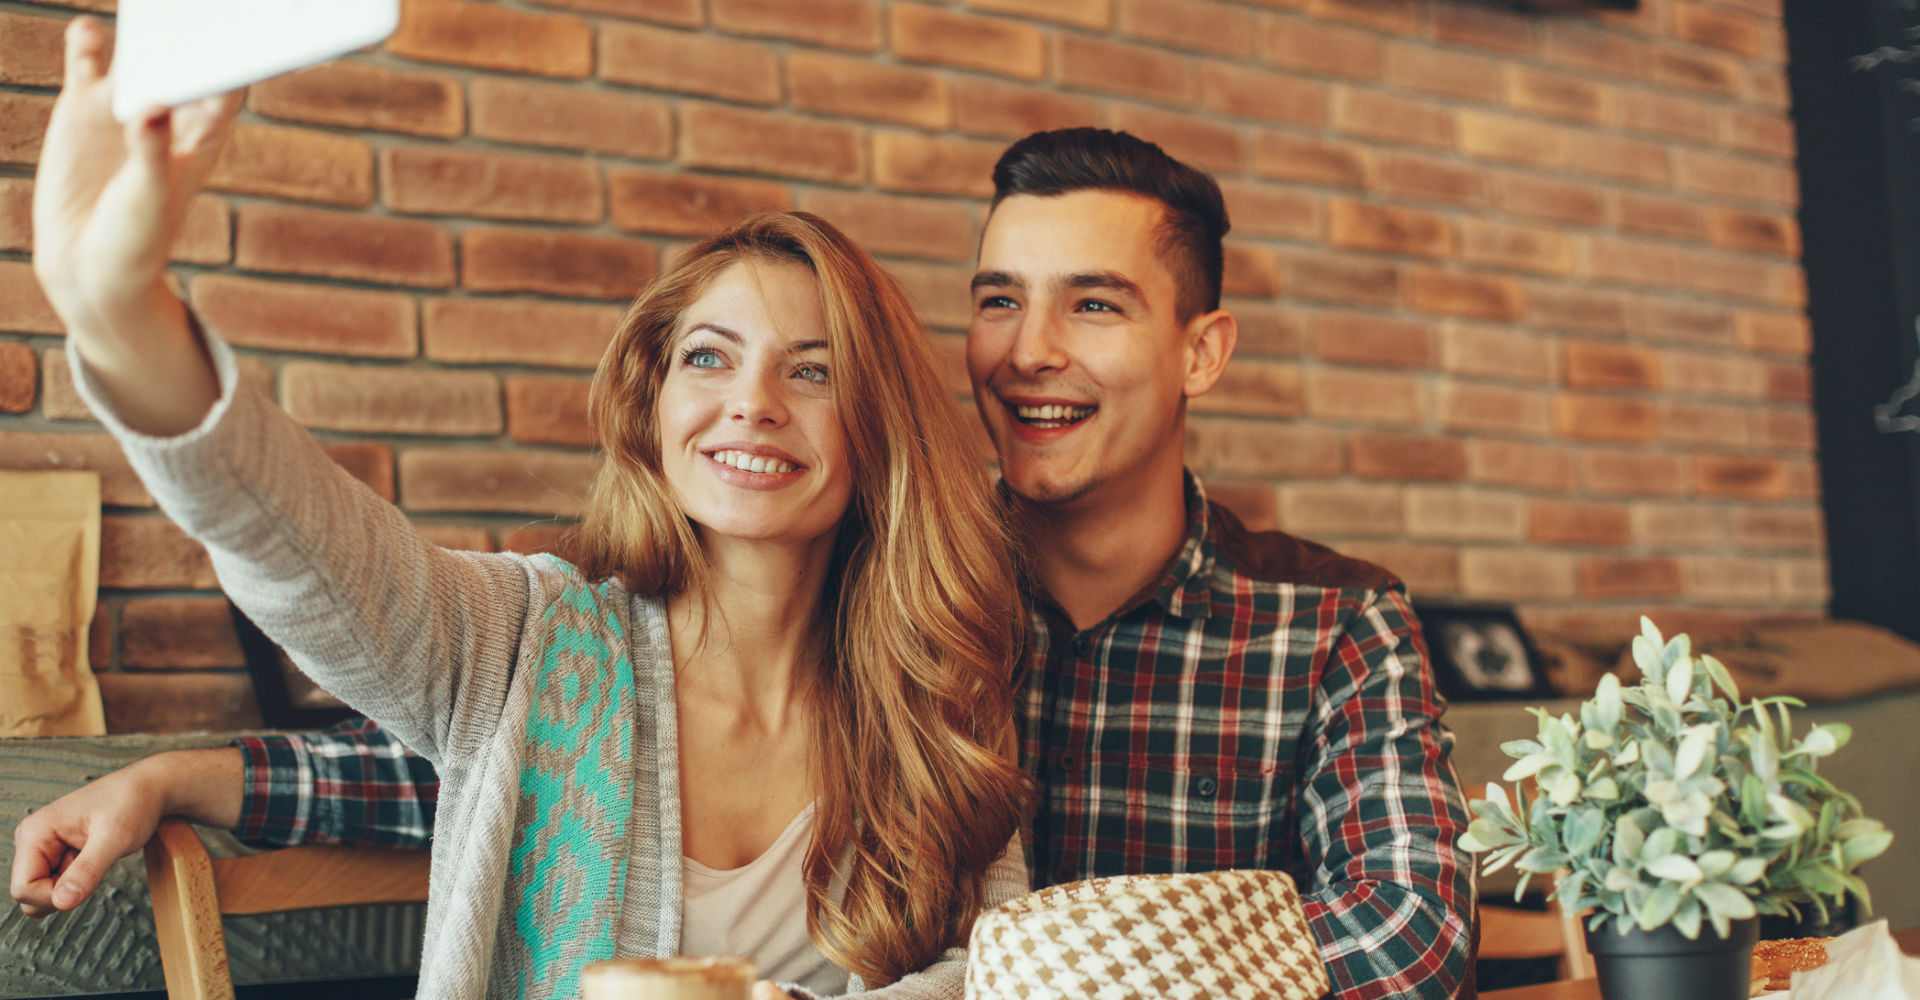 Junges Paar schießt Selfie mit dem Smartphone.